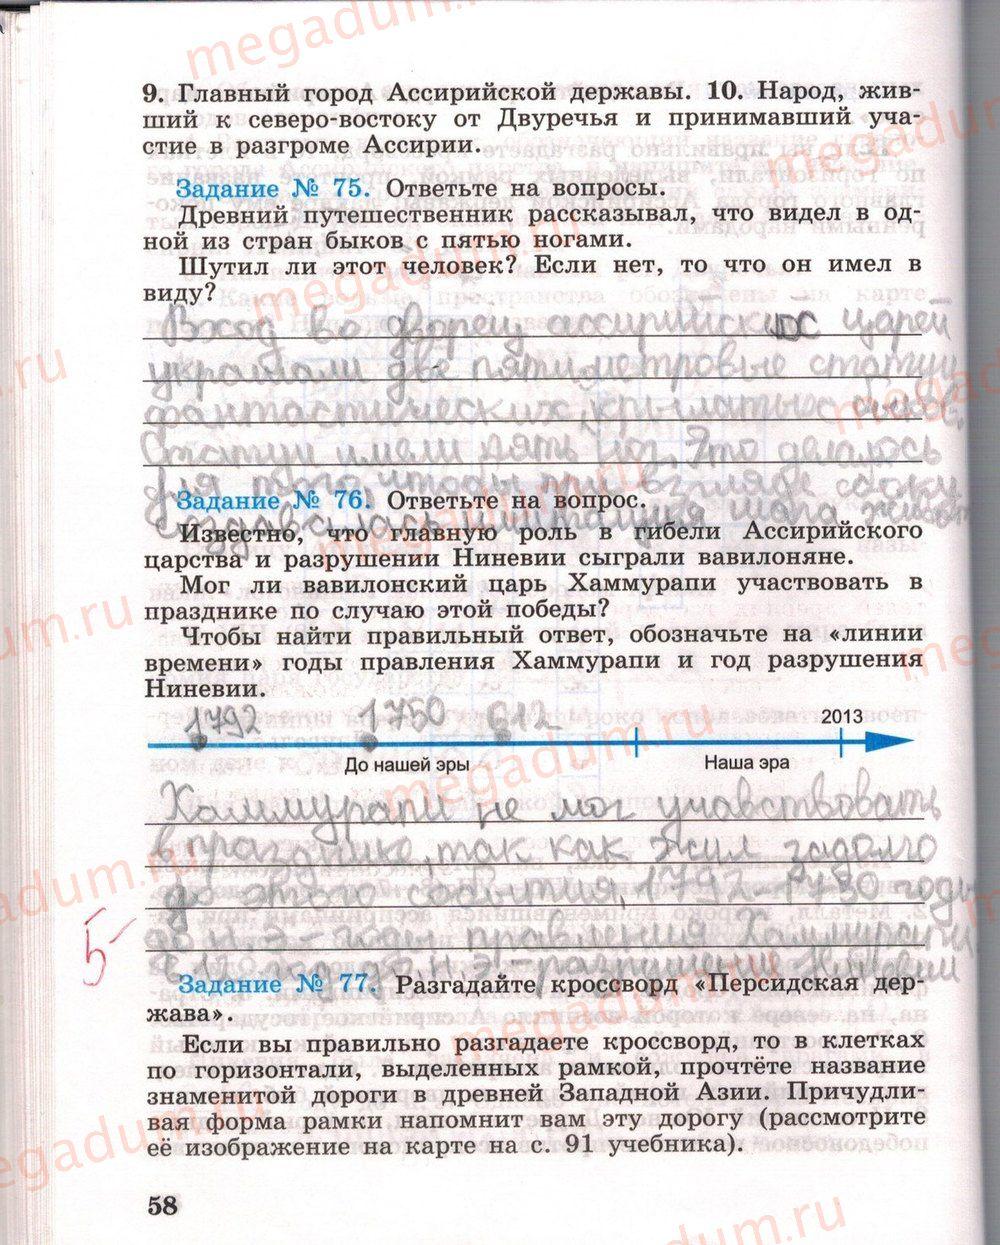 Решебник по историю в тетради 5 класс г.и.годер 75 чтиать